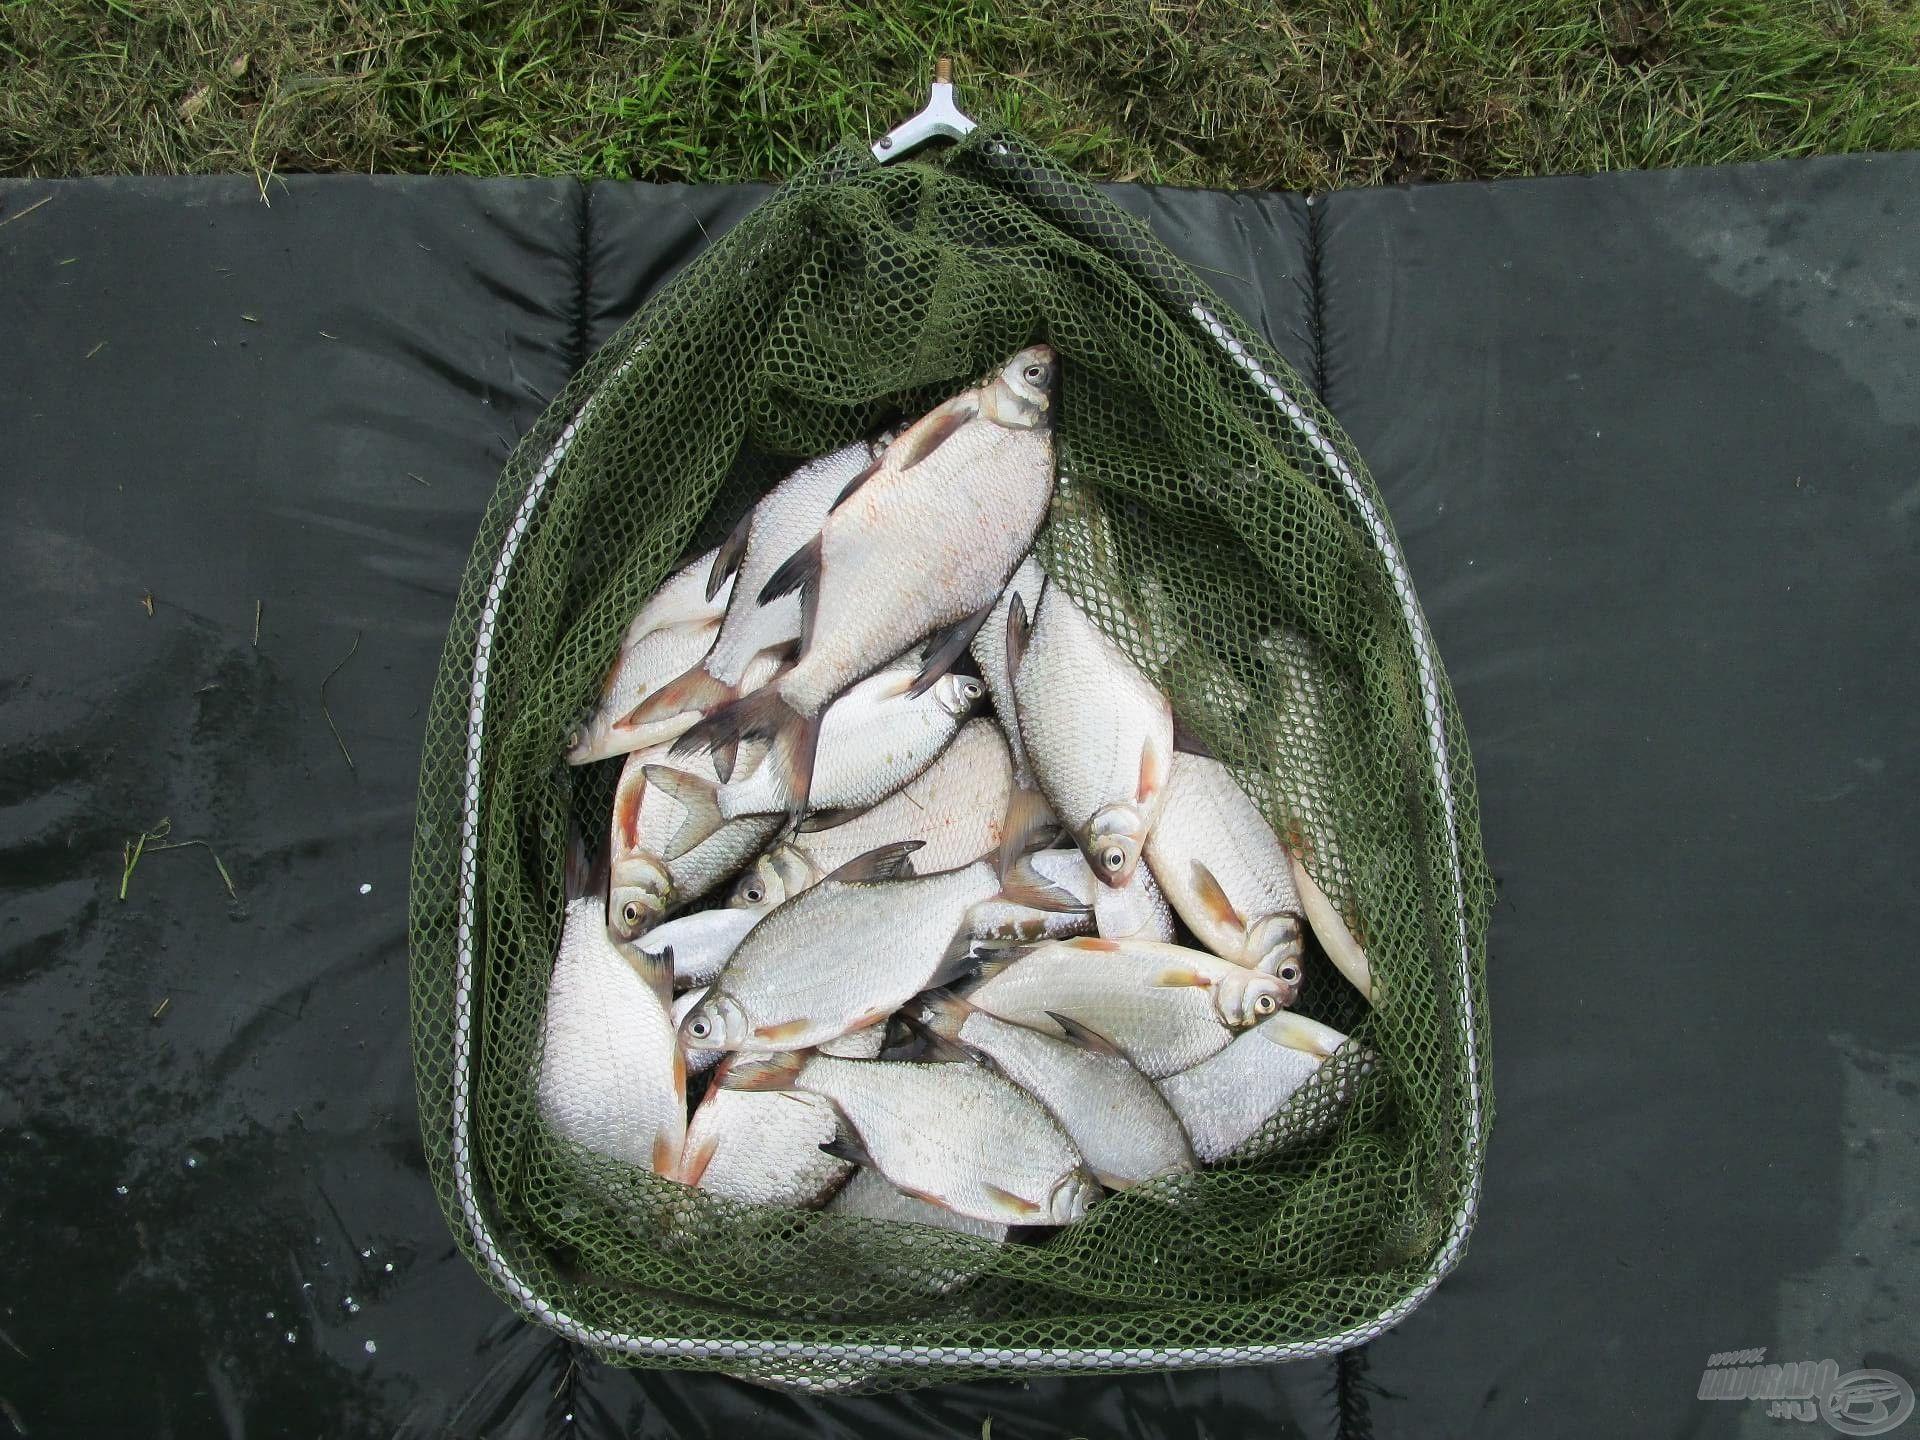 A TOP1 Bream szintén adja a halat rendesen. Ezek a vad keszegek sem tudtak neki ellenállni